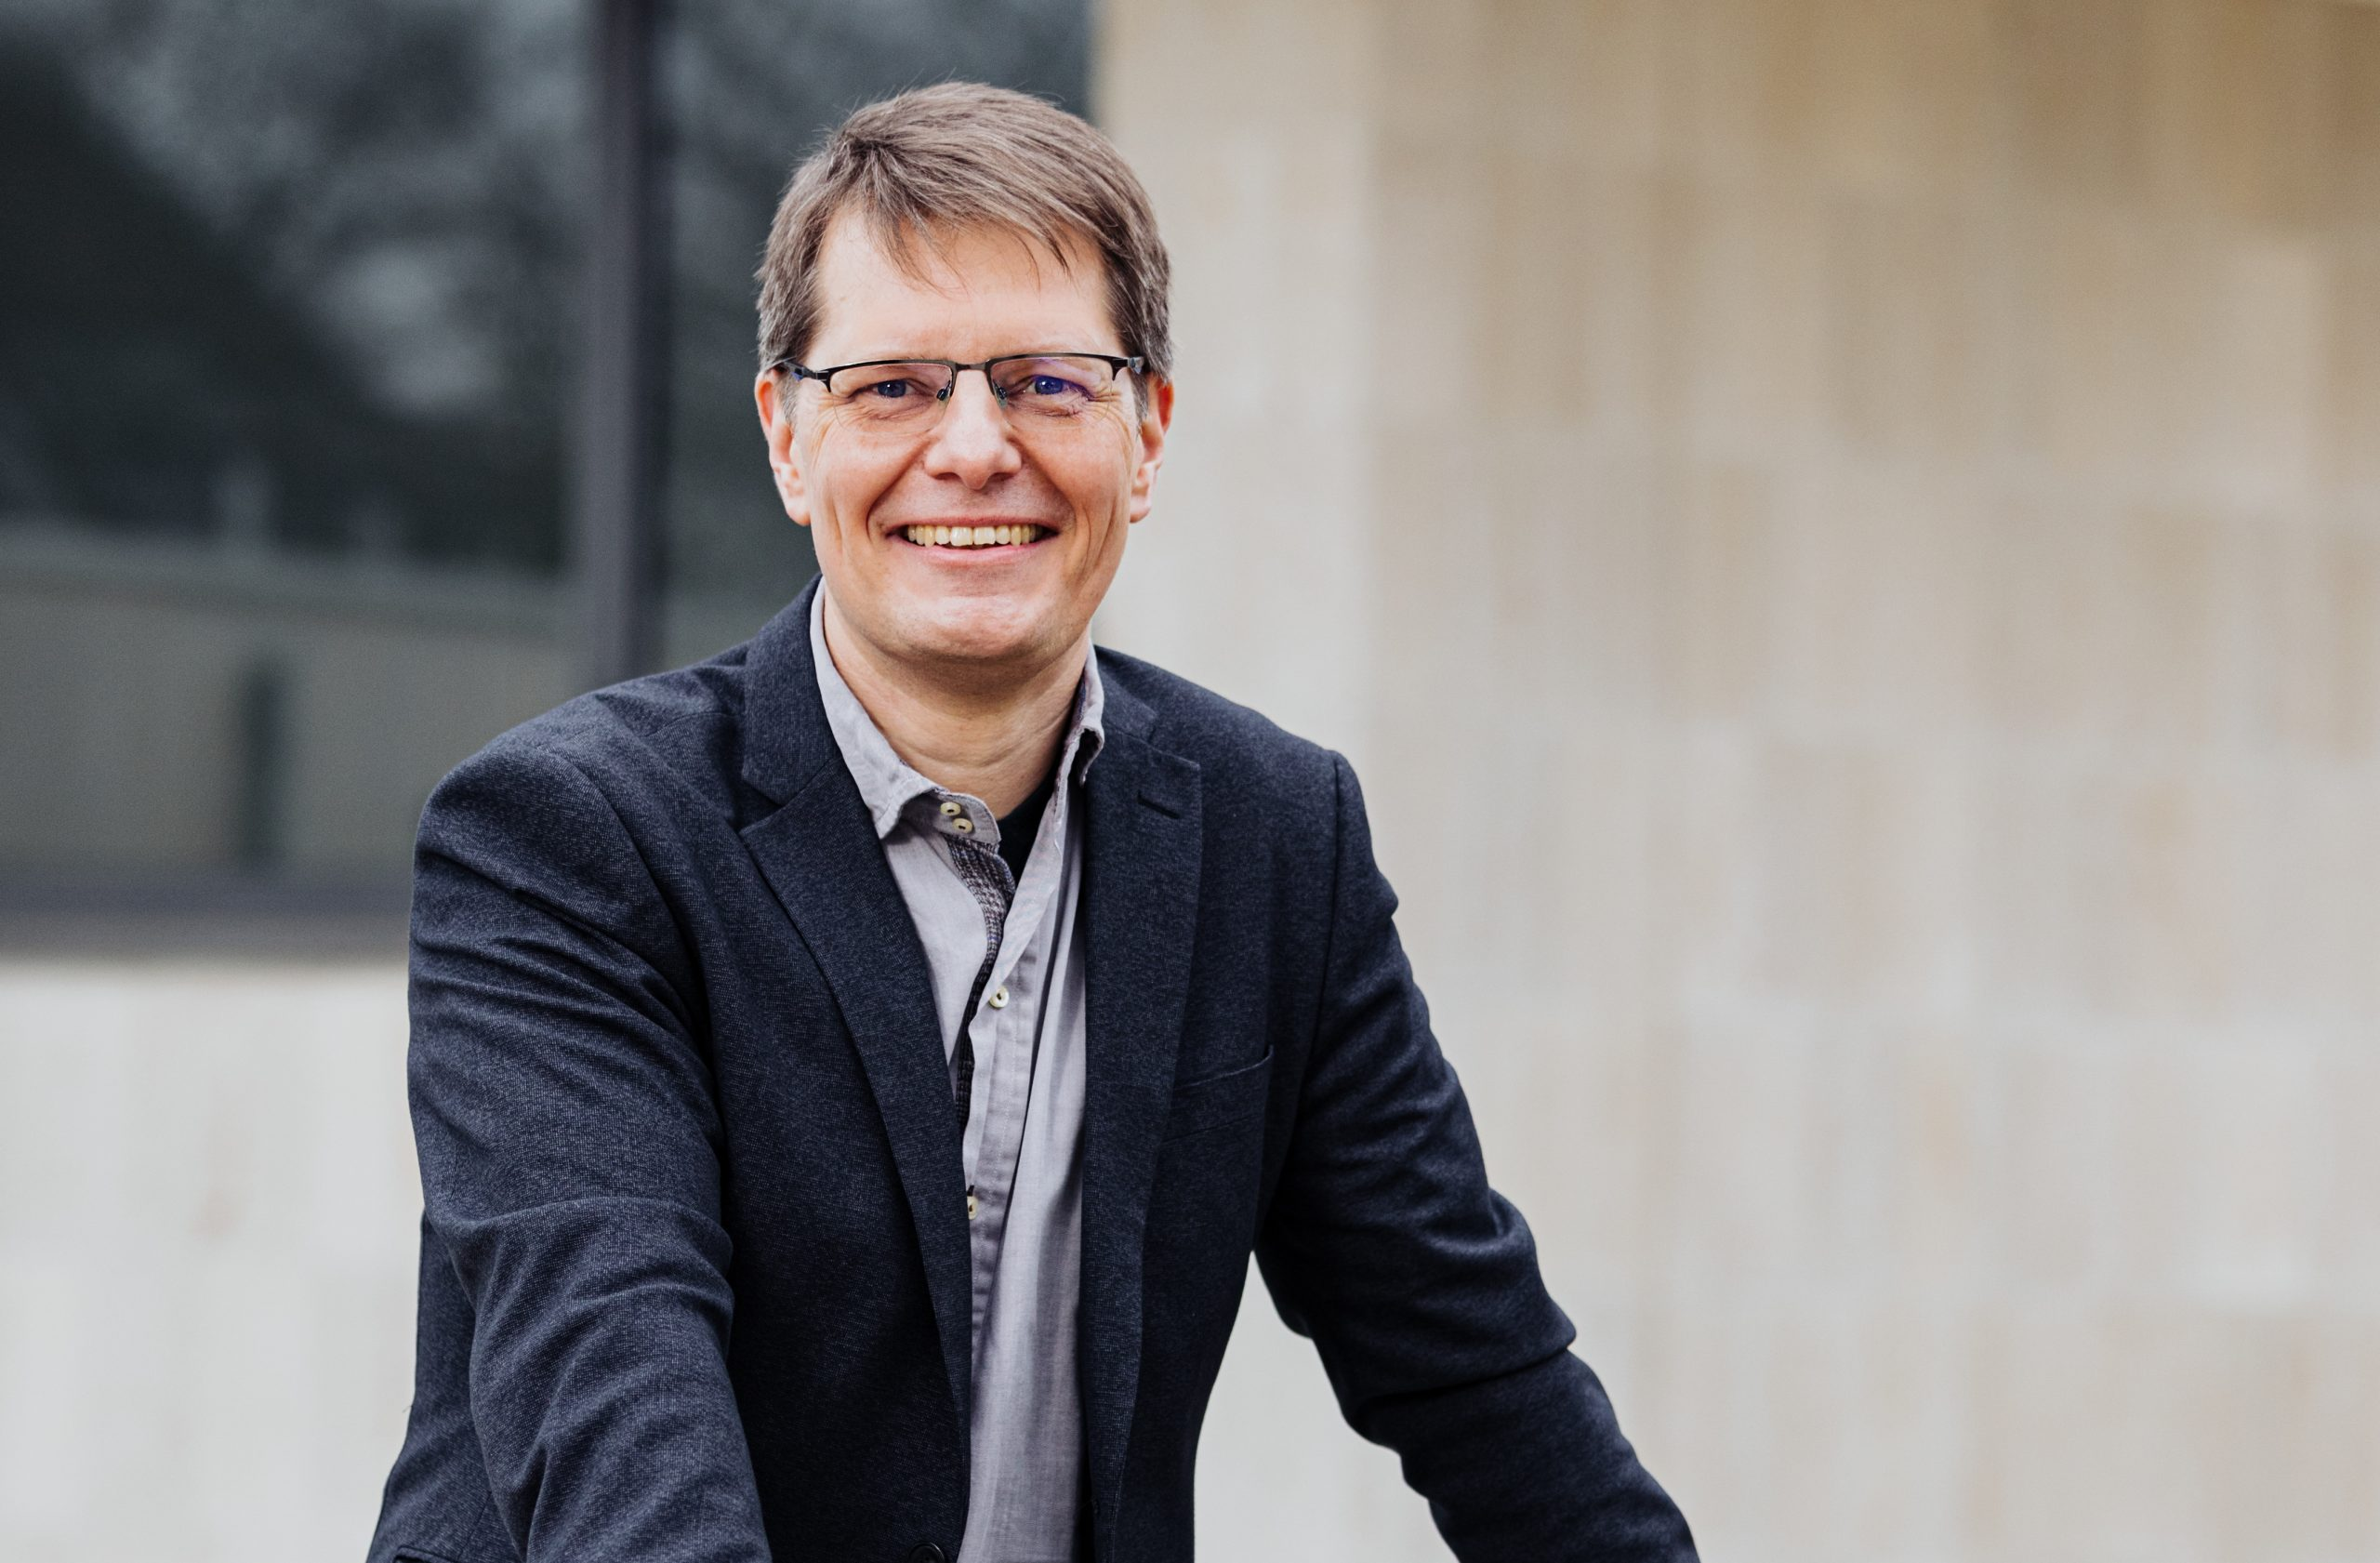 Dr. Boris Wolkowski